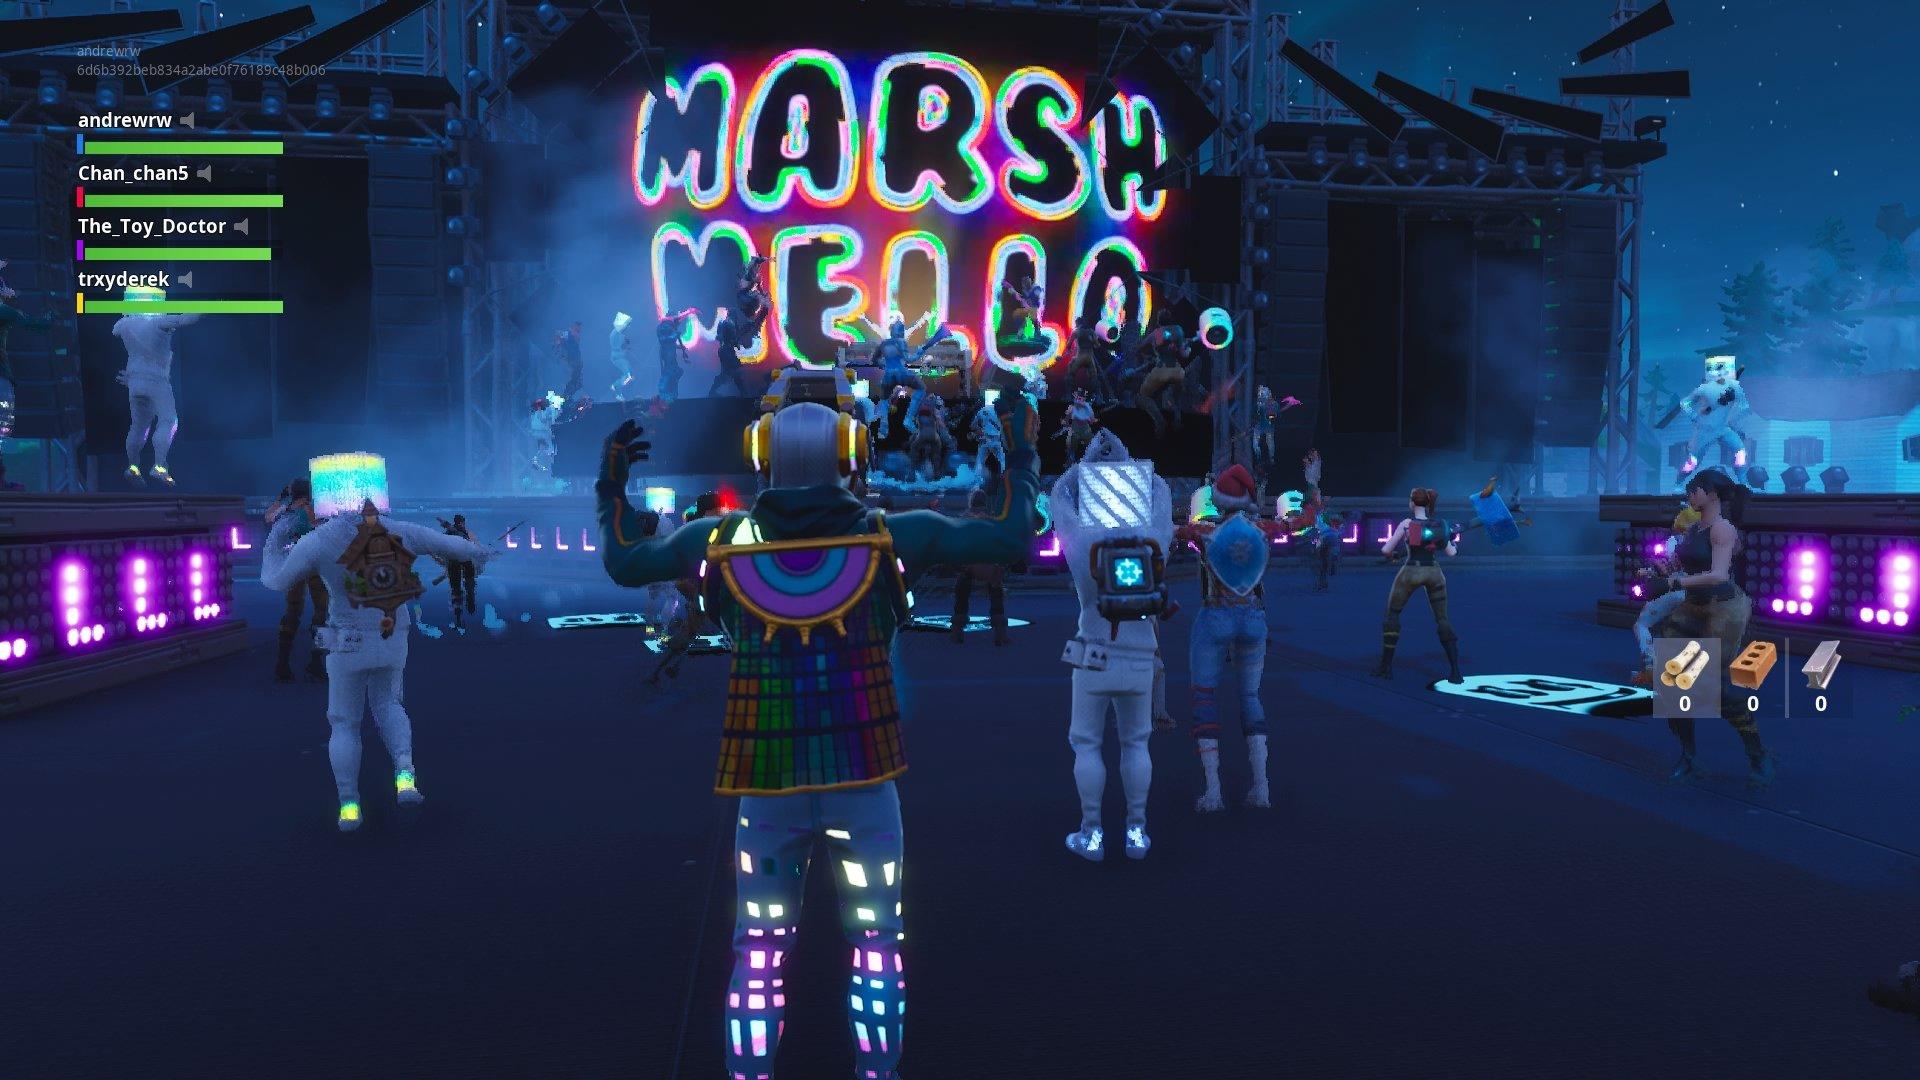 ده میلیون کاربر کنسرت مارشملو در فورتنایت را مشاهده کردند